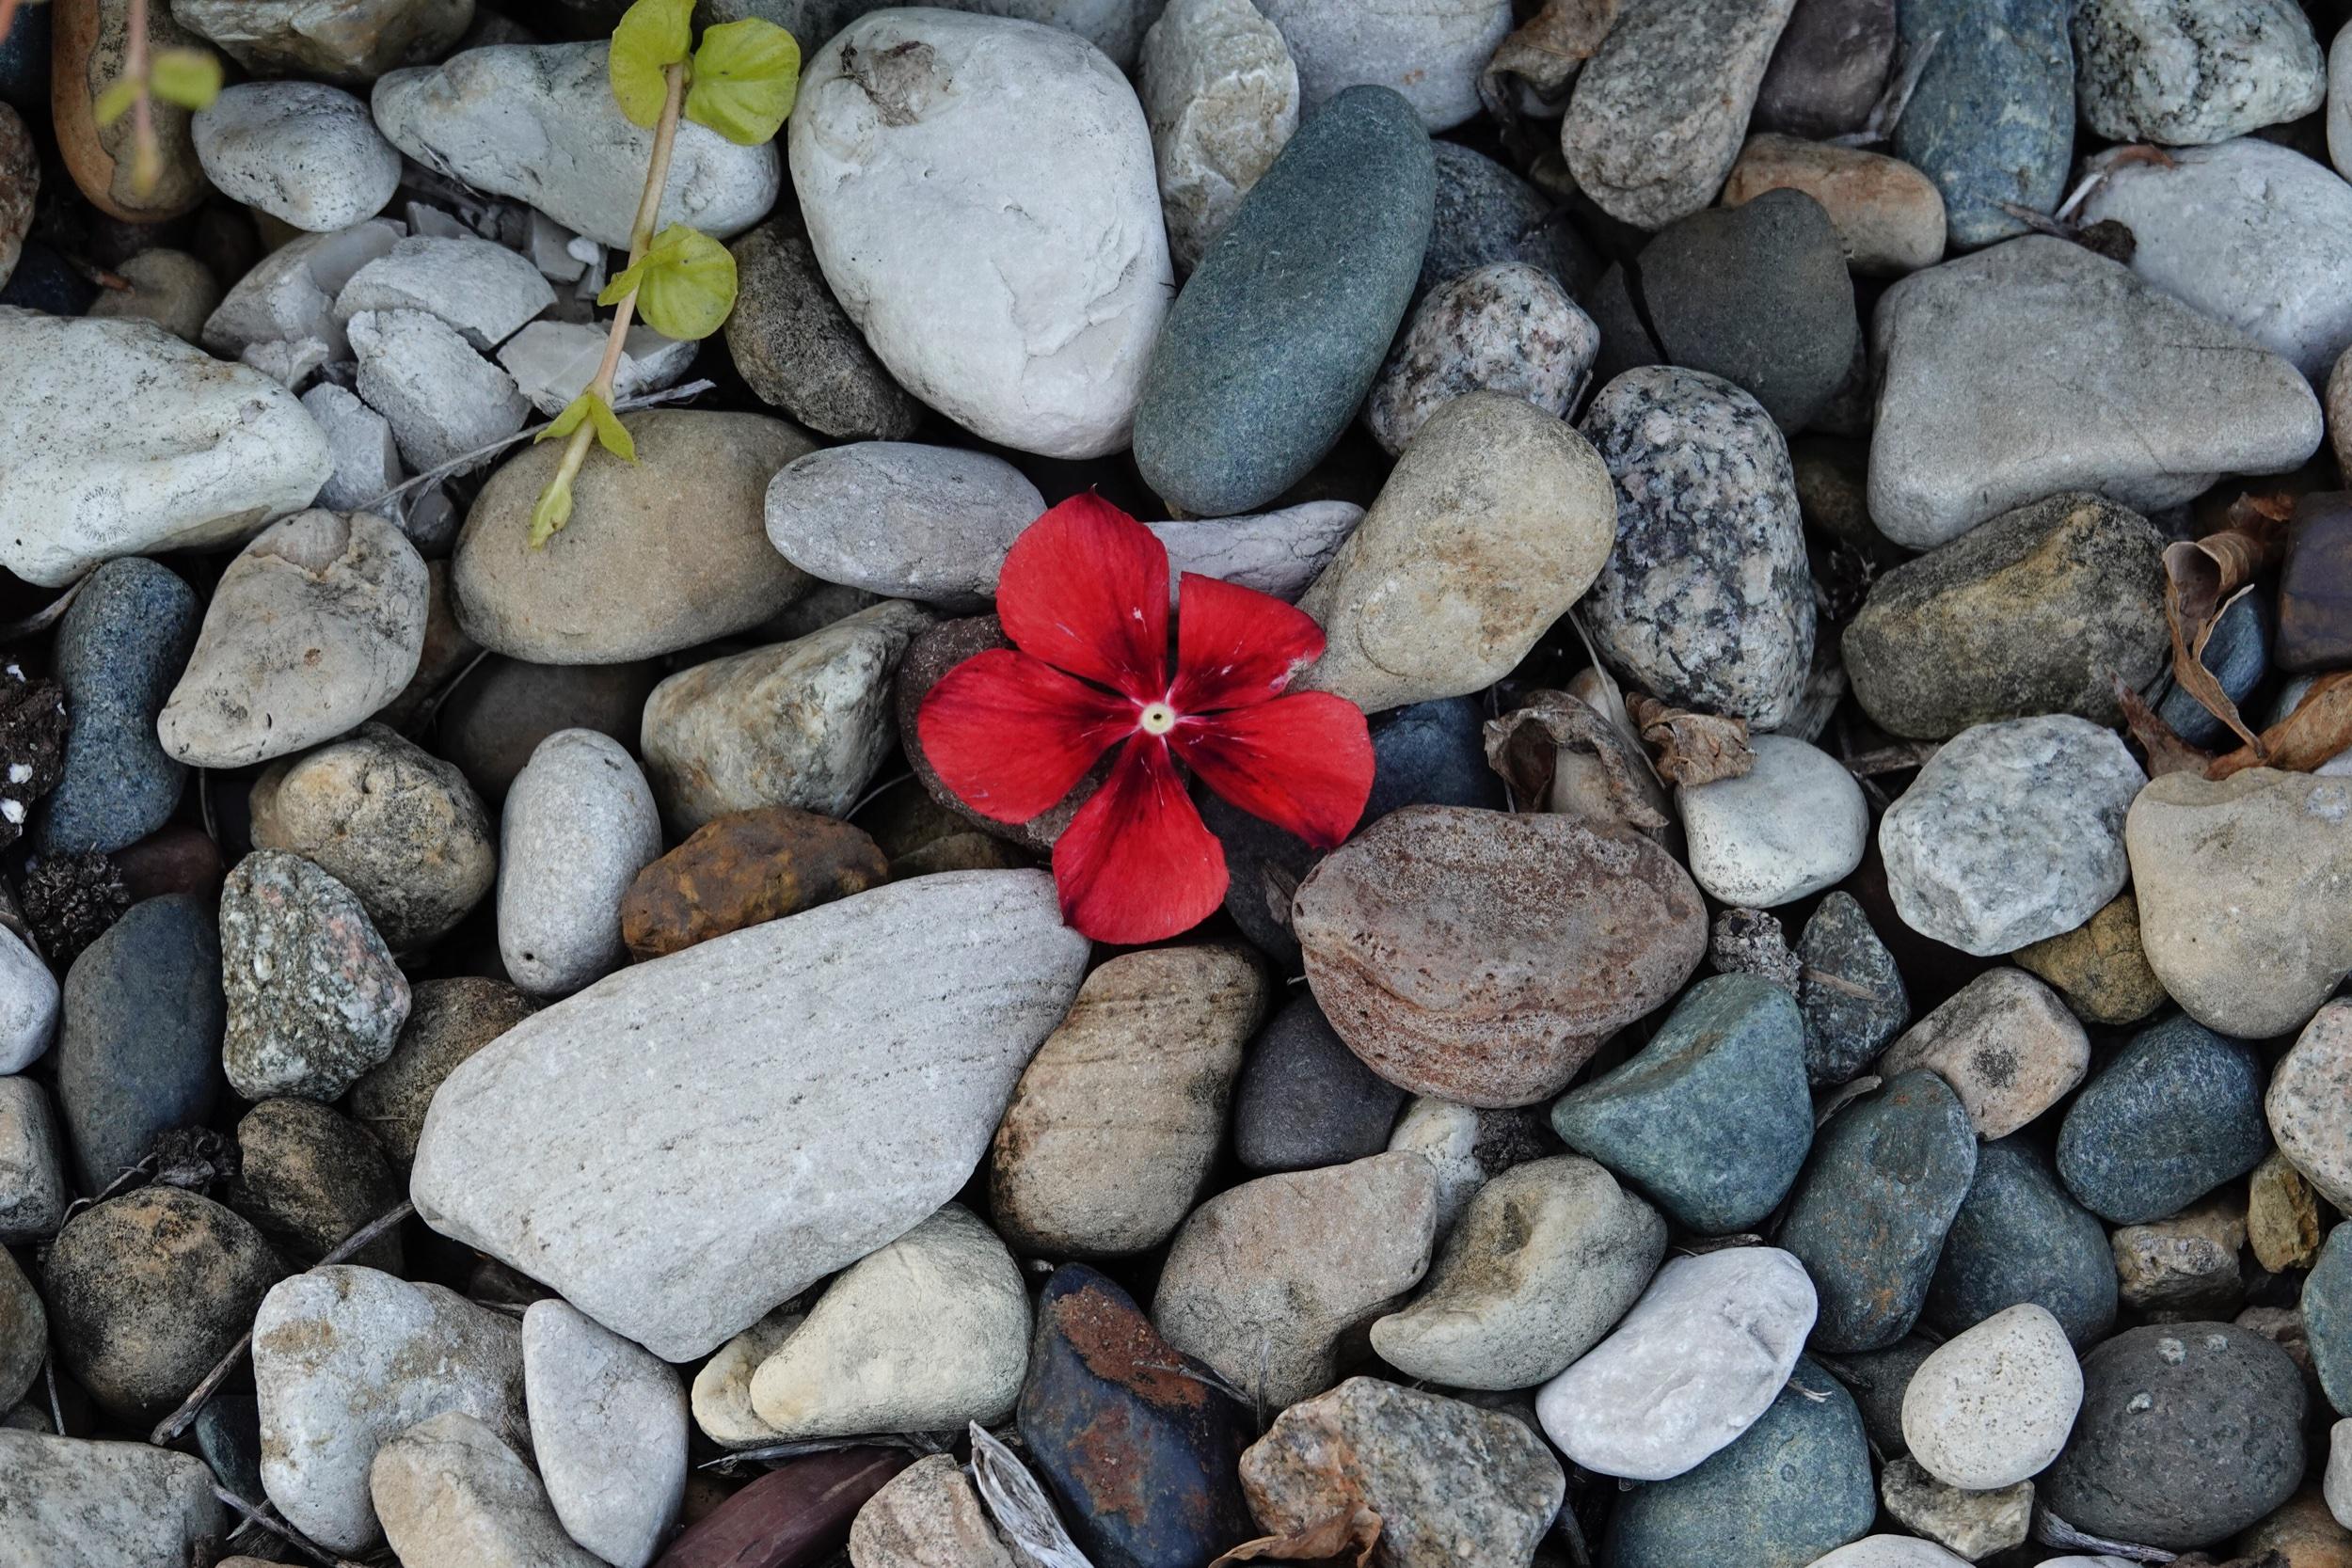 Those blooming rocks or rocks in bloom.